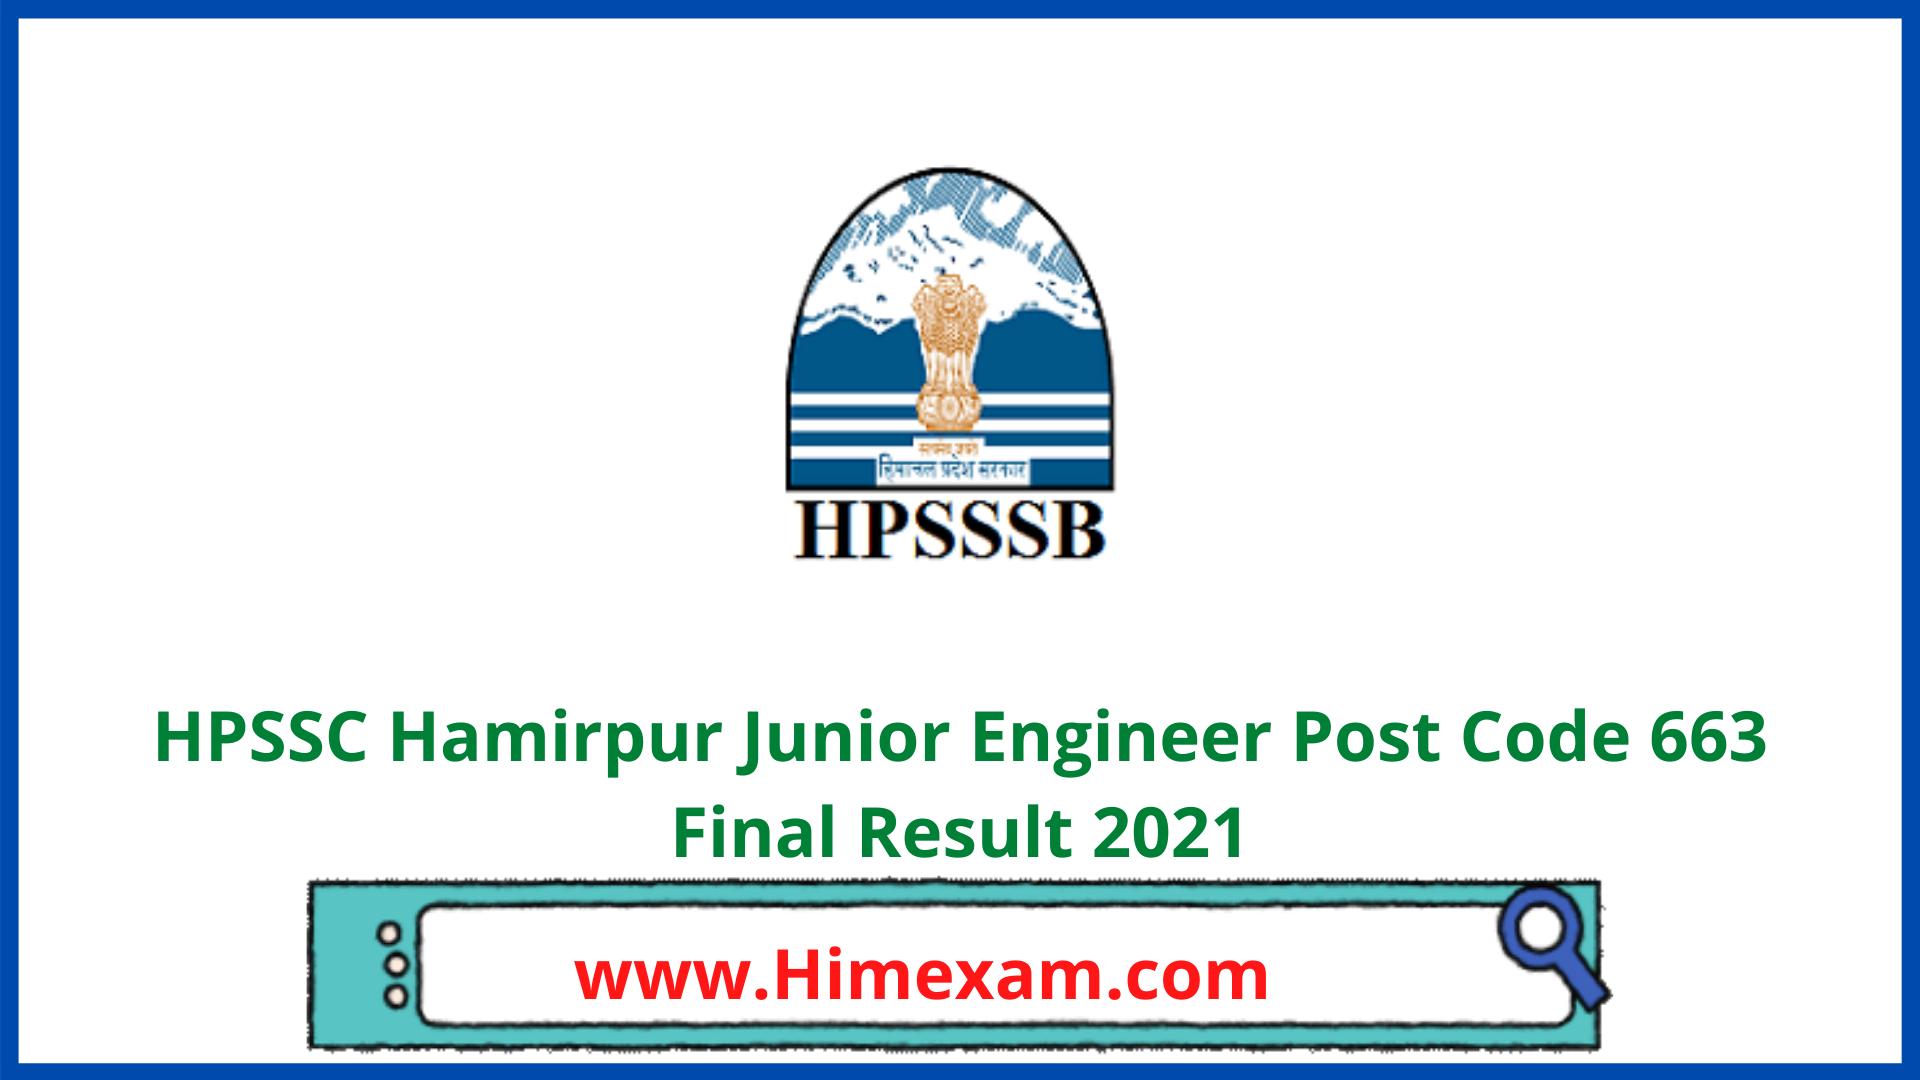 HPSSC Hamirpur Junior Engineer Post Code 663 Final Result 2021